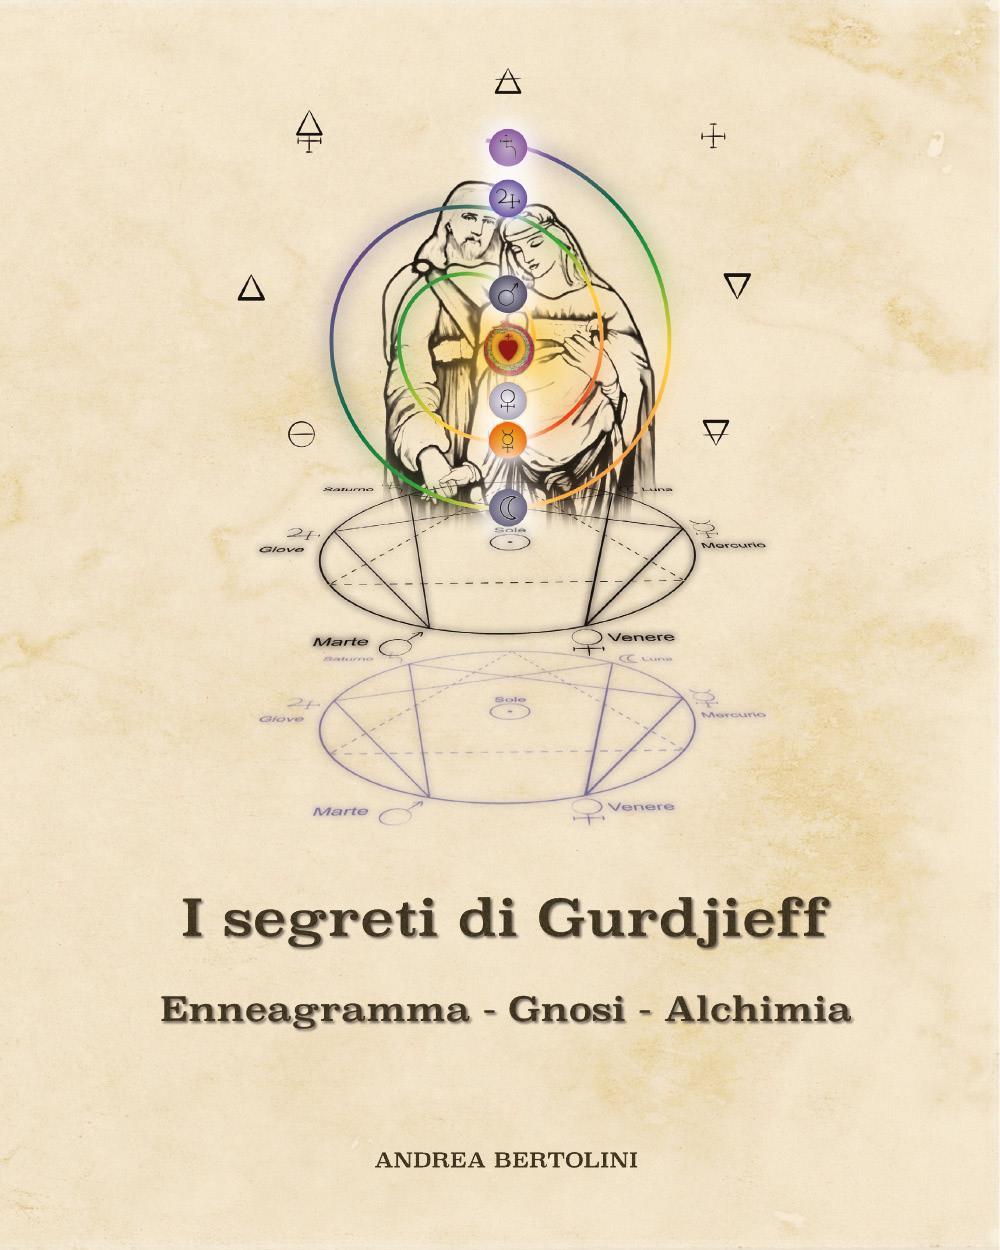 I segreti di Gurdjieff. Enneagramma Gnosi Alchimia